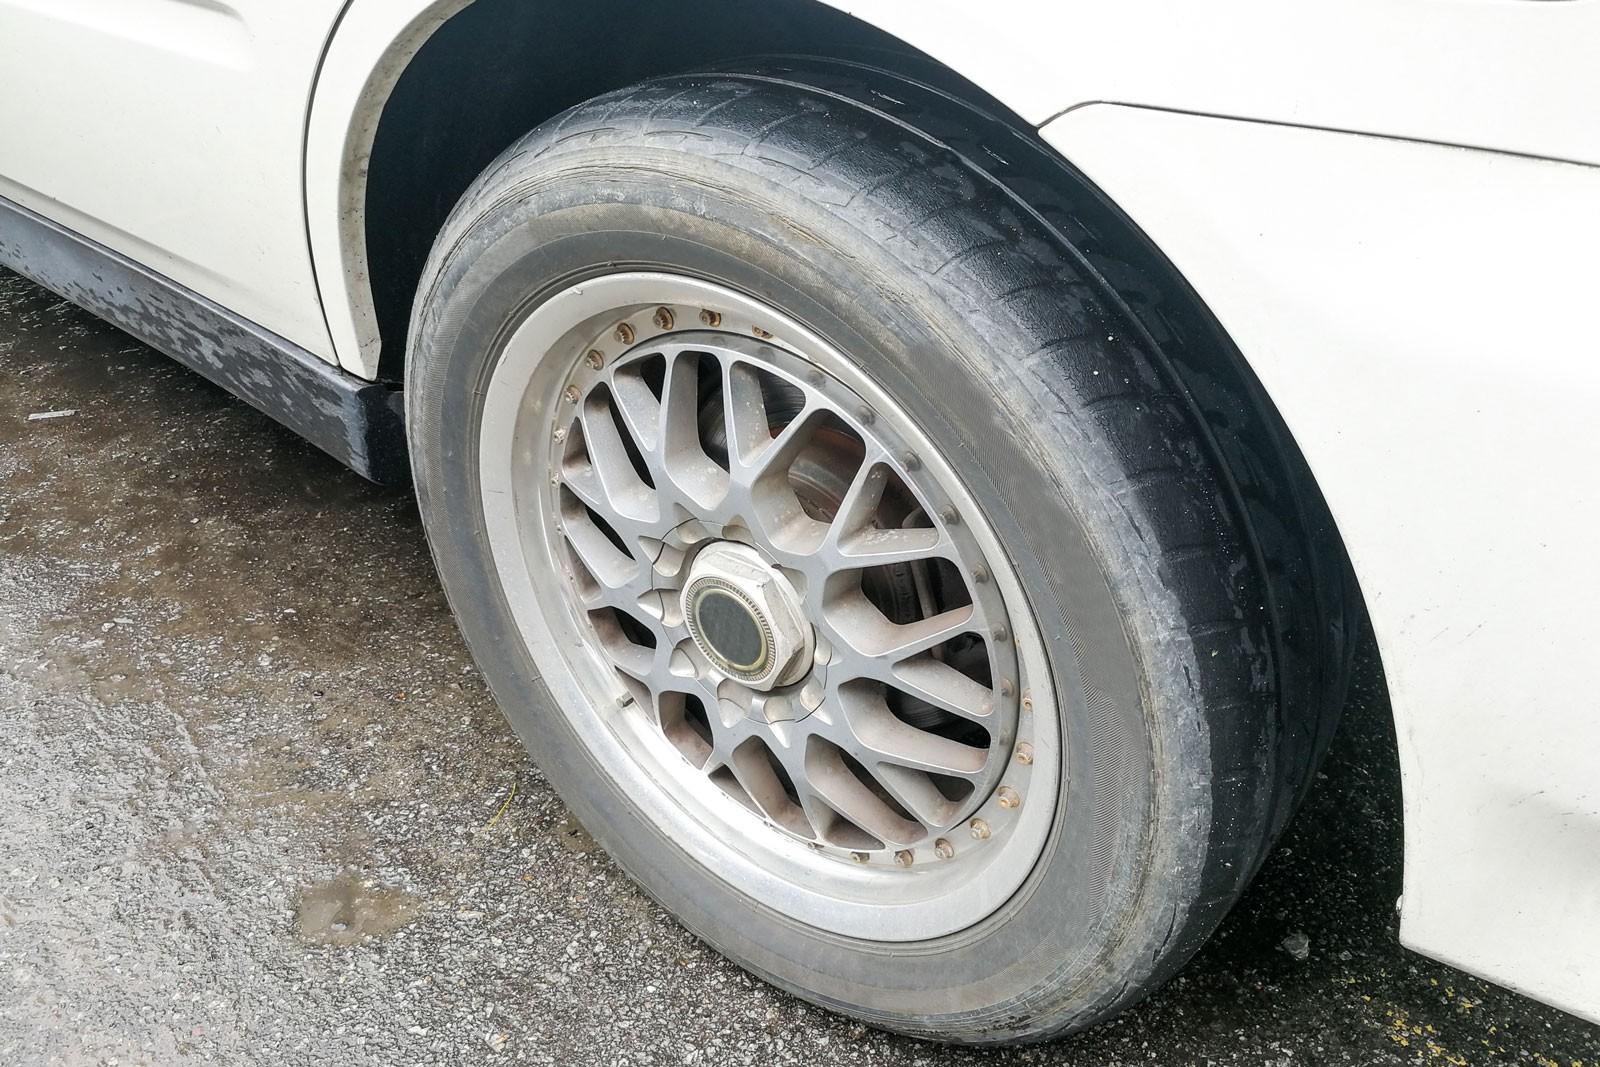 Балансировка: как делать правильно и что будет, если колеса вообще не балансировать